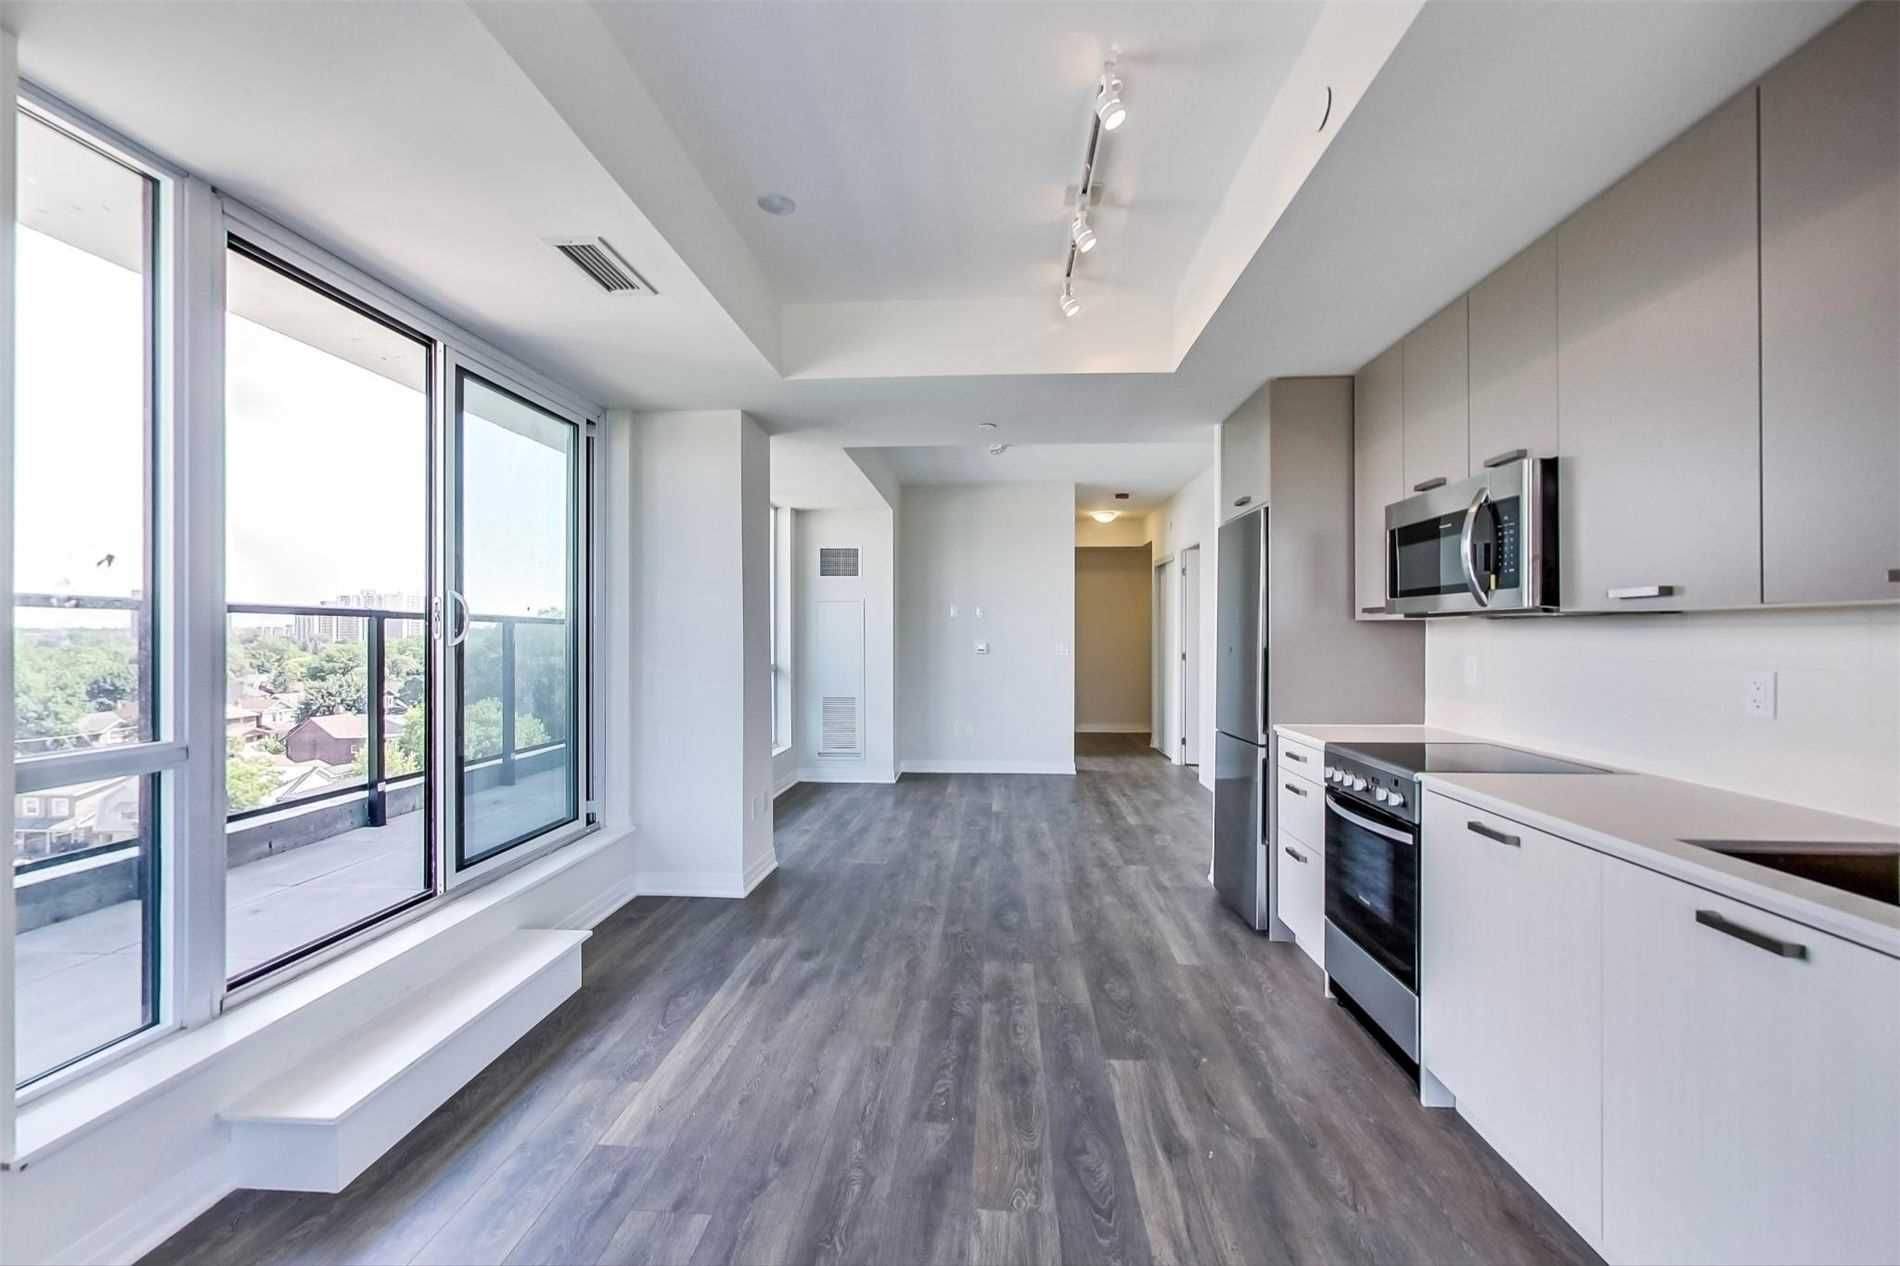 Photo 7: Photos: 711 2301 Danforth Avenue in Toronto: East End-Danforth Condo for lease (Toronto E02)  : MLS®# E4816624